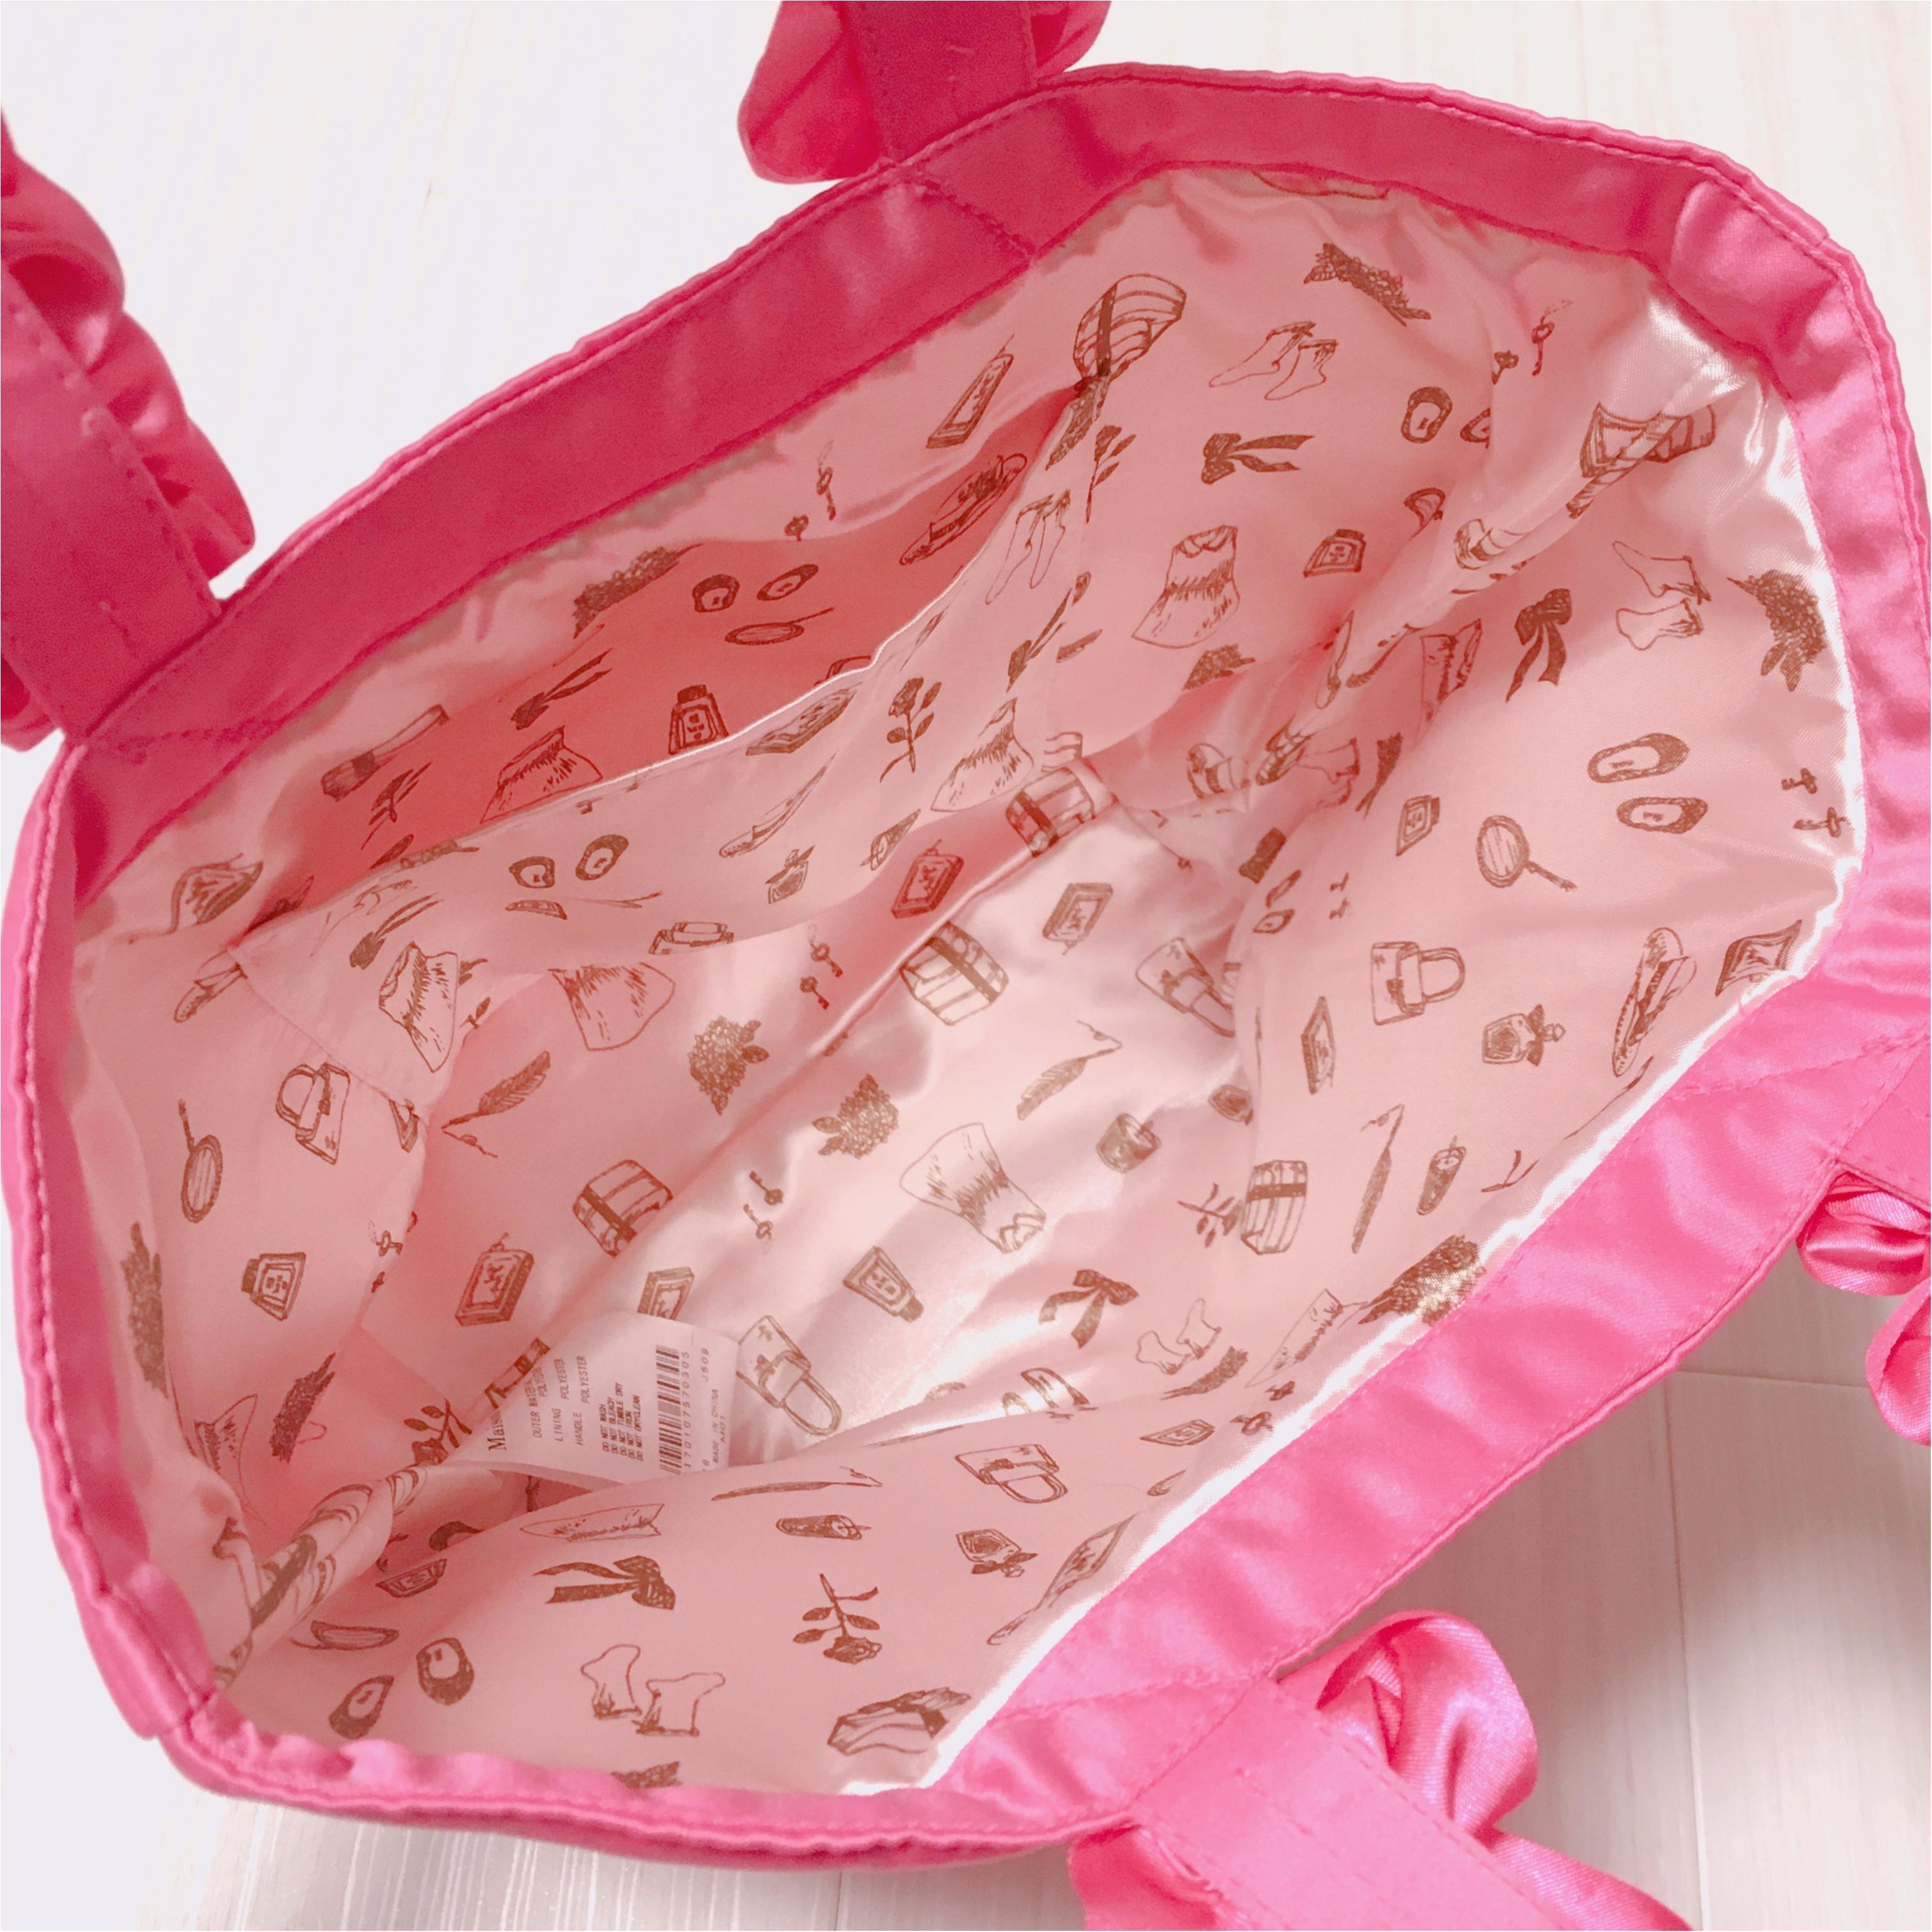 大人気!ピンクに囲まれる幸せ ♡ メゾンドフルールの《 ピンクマニア 》をGetしました♡_4